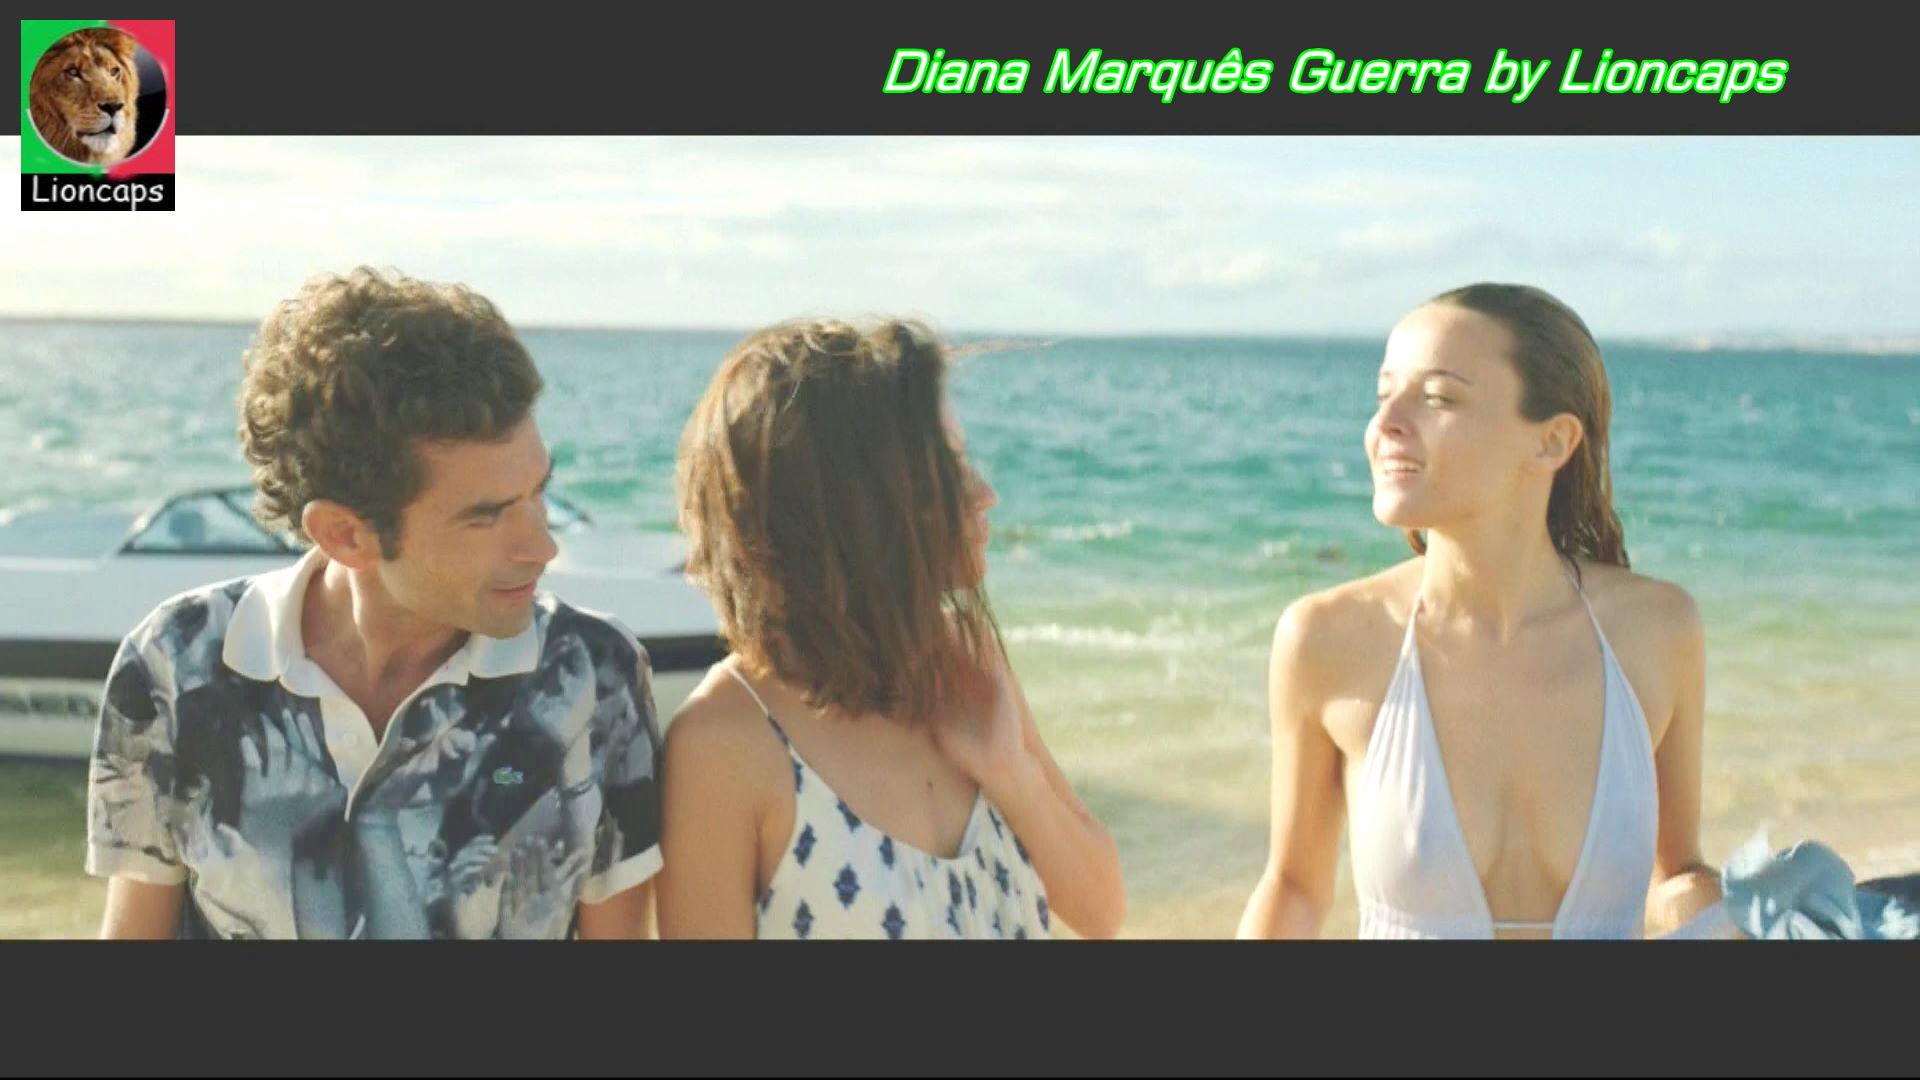 492755169_diana_marques_guerra_vs181117_0017_122_467lo.JPG